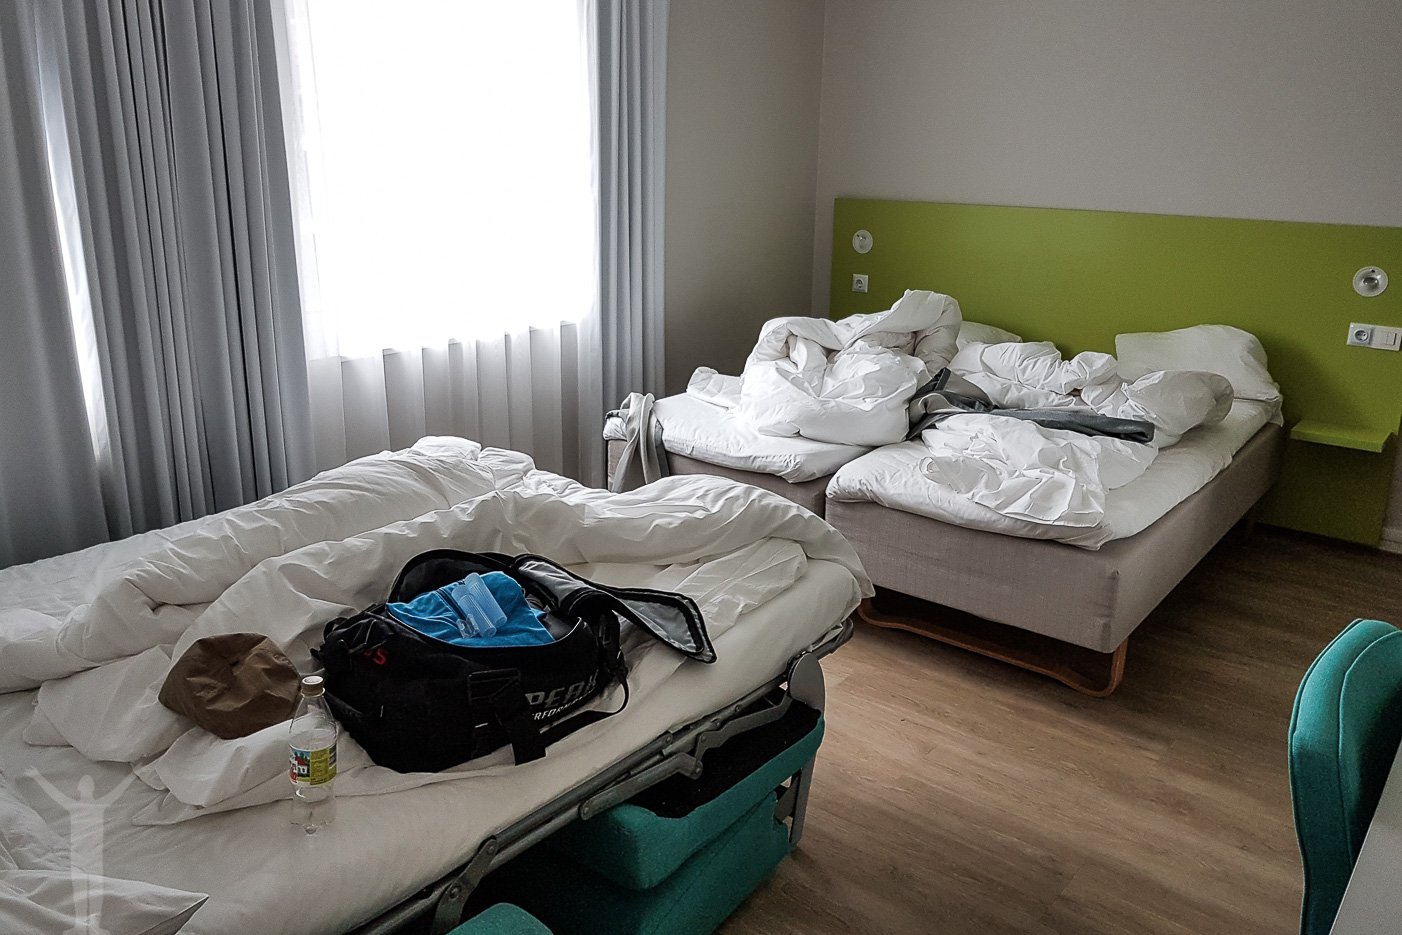 Thon Hotel, Trondheim